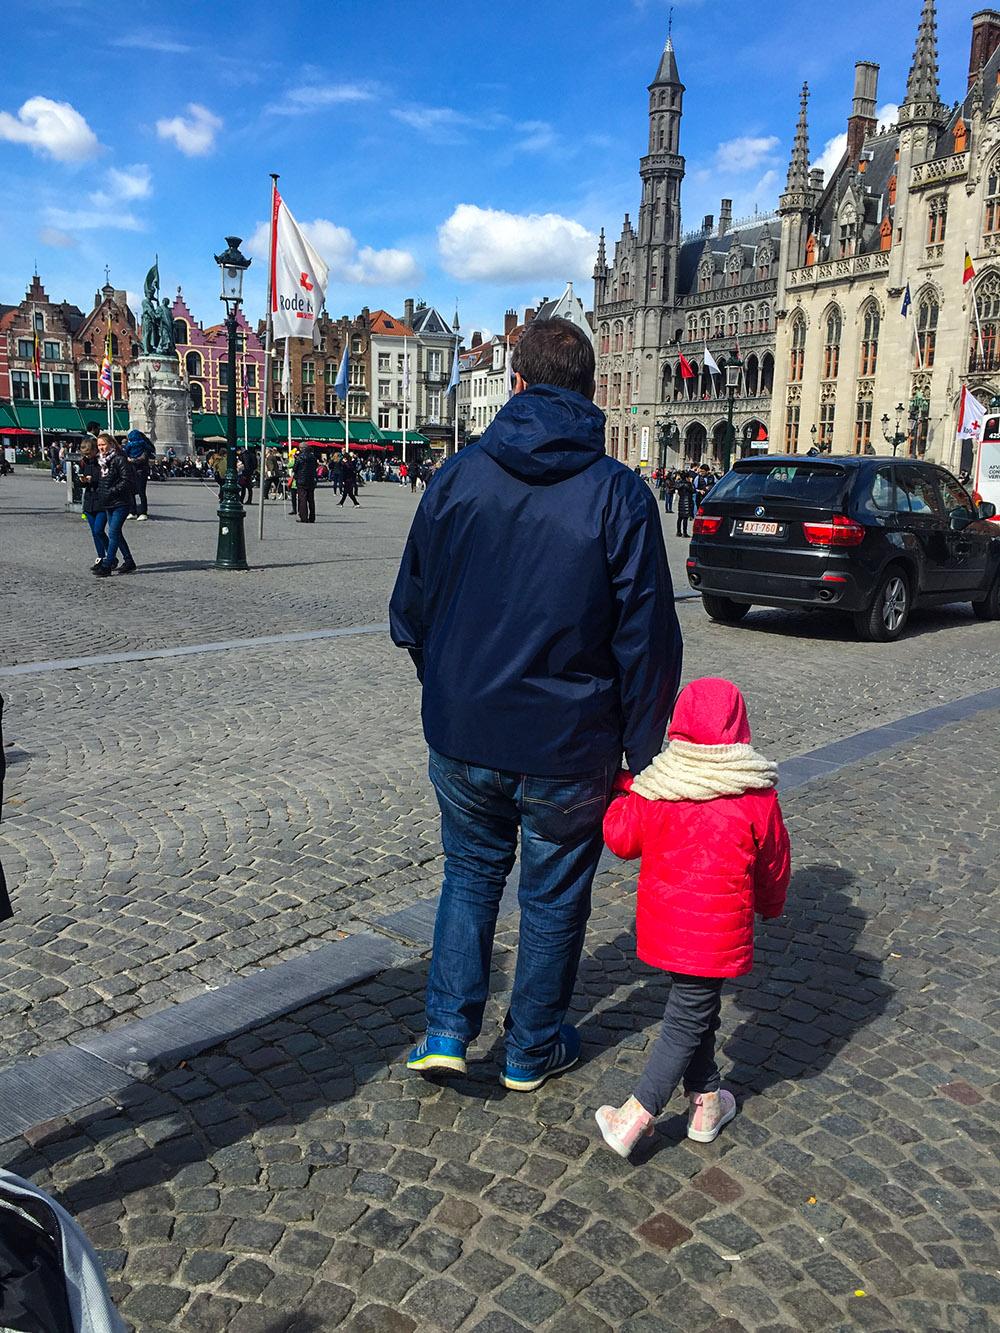 Markt Place, a praça do mercado, em Bruges.